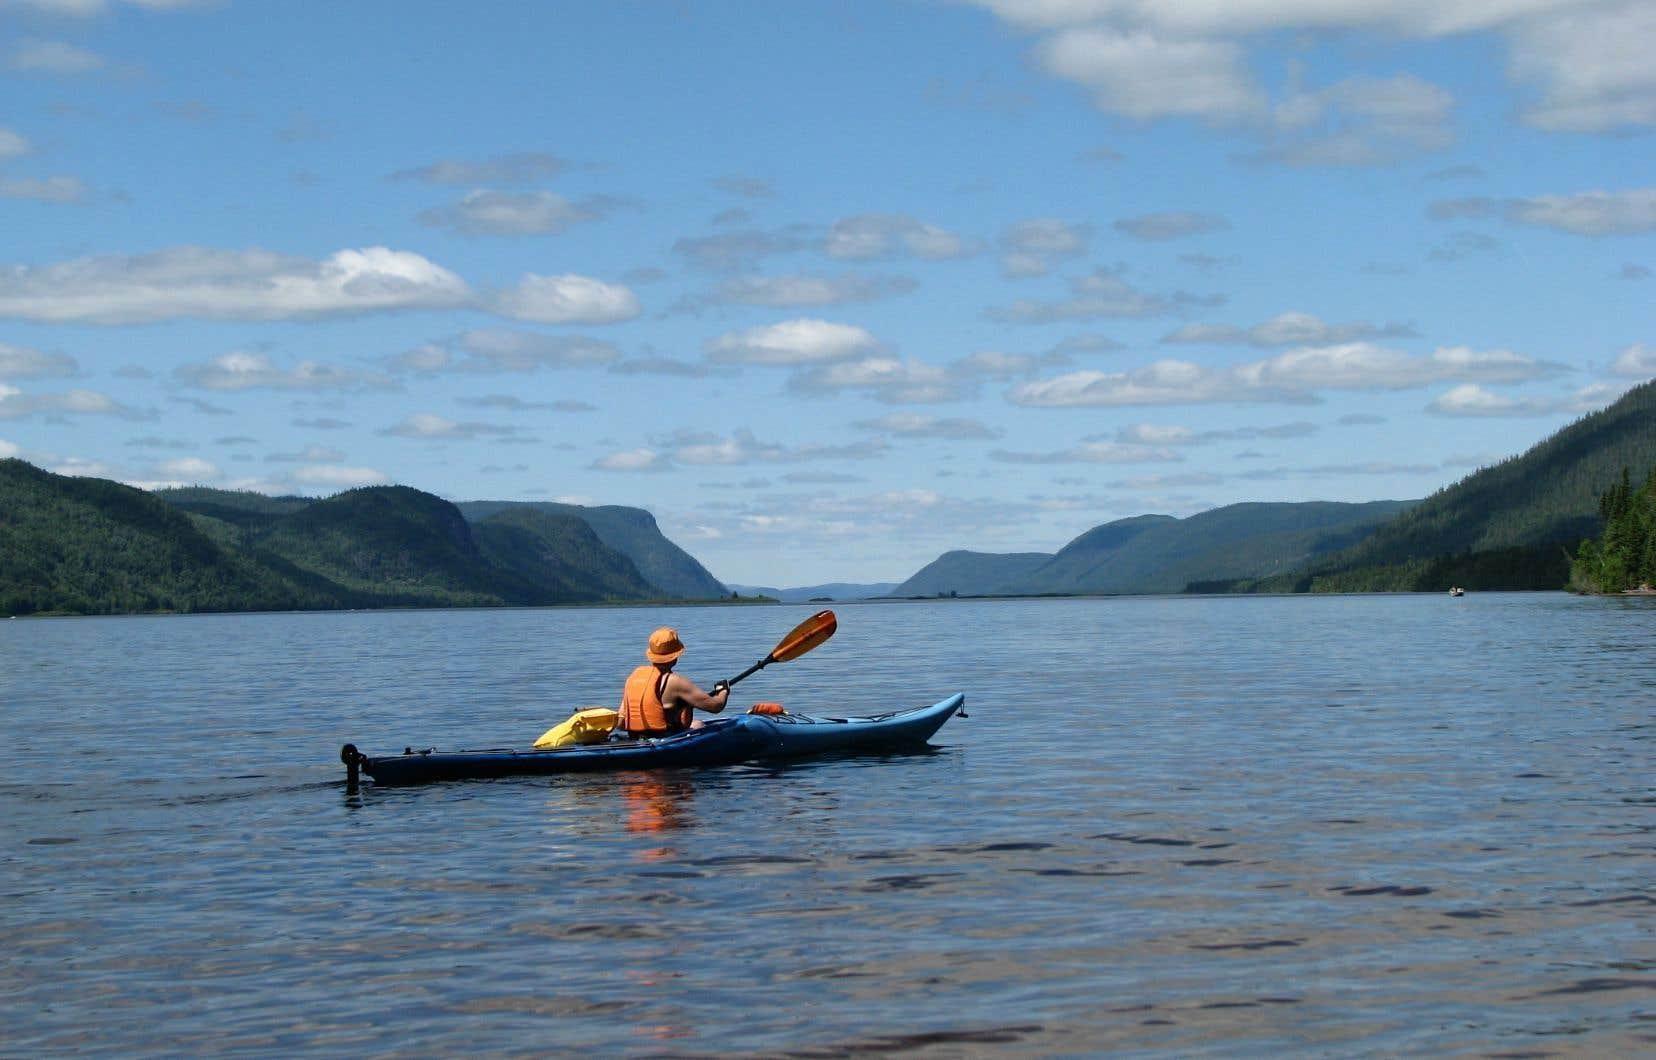 Au printemps dernier, le gouvernement Legault avait critiqué les opposants aux coupes forestières le long de la rivière.